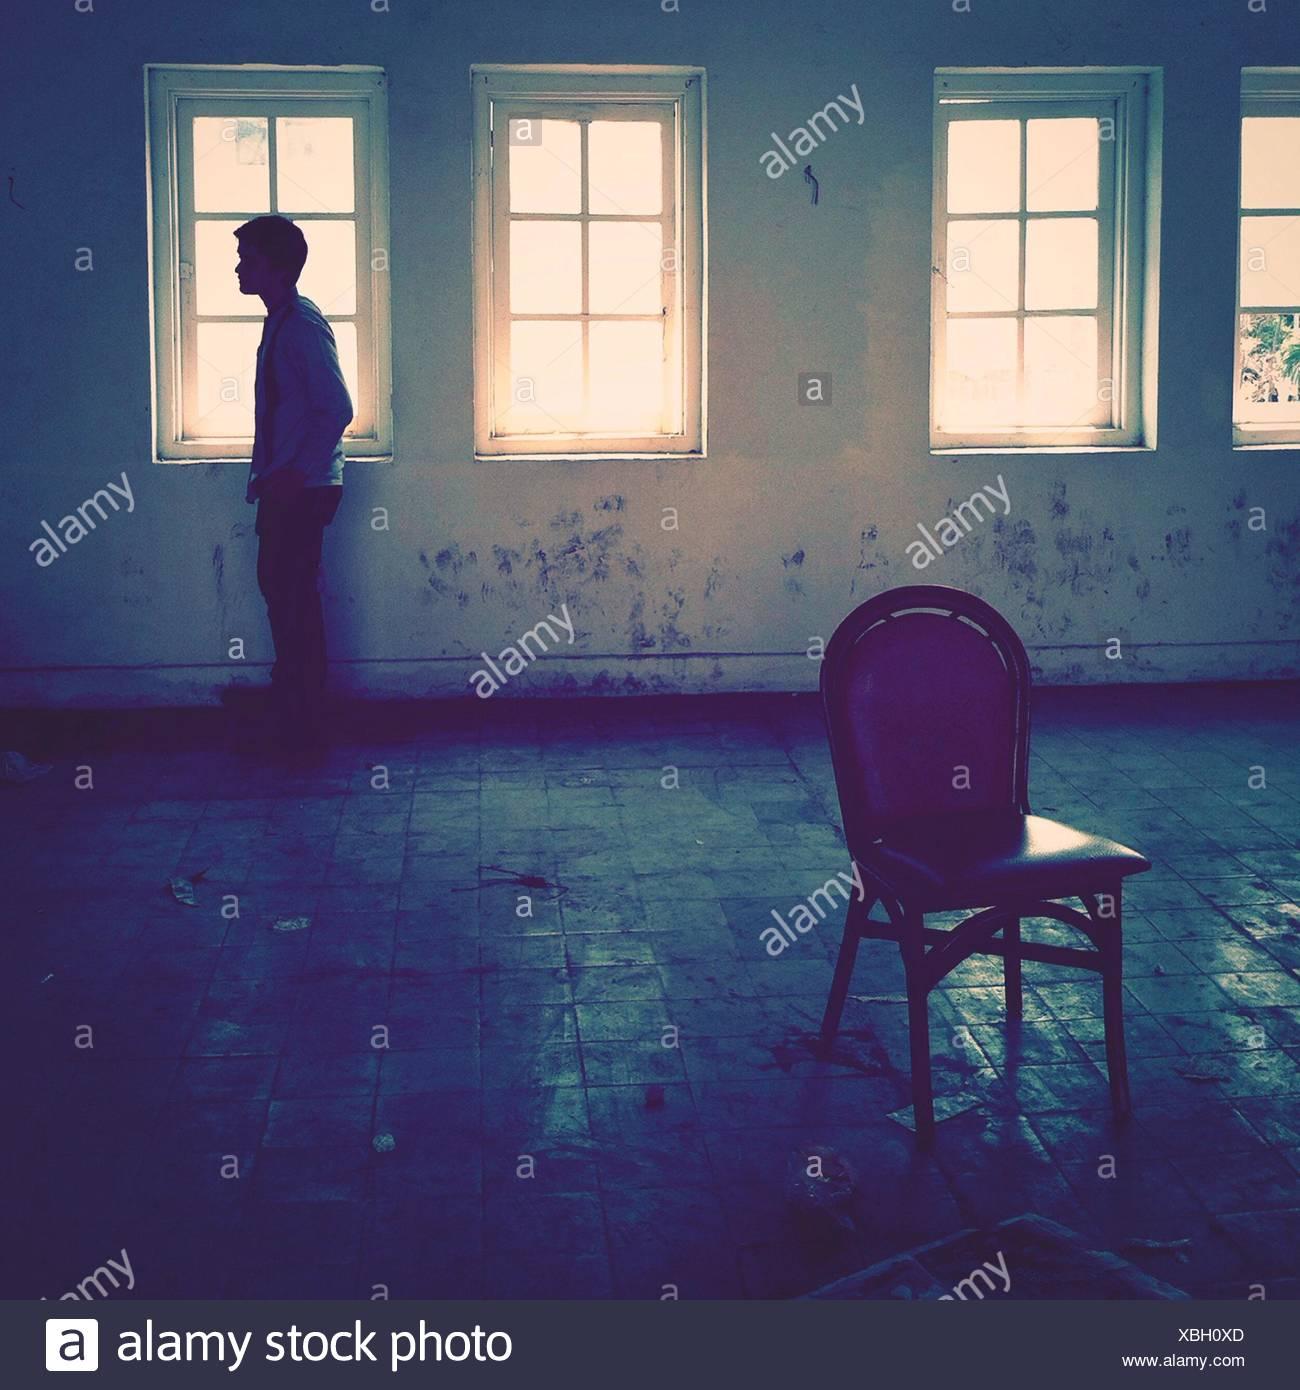 Vue latérale d'un homme debout, dans une salle vide Photo Stock